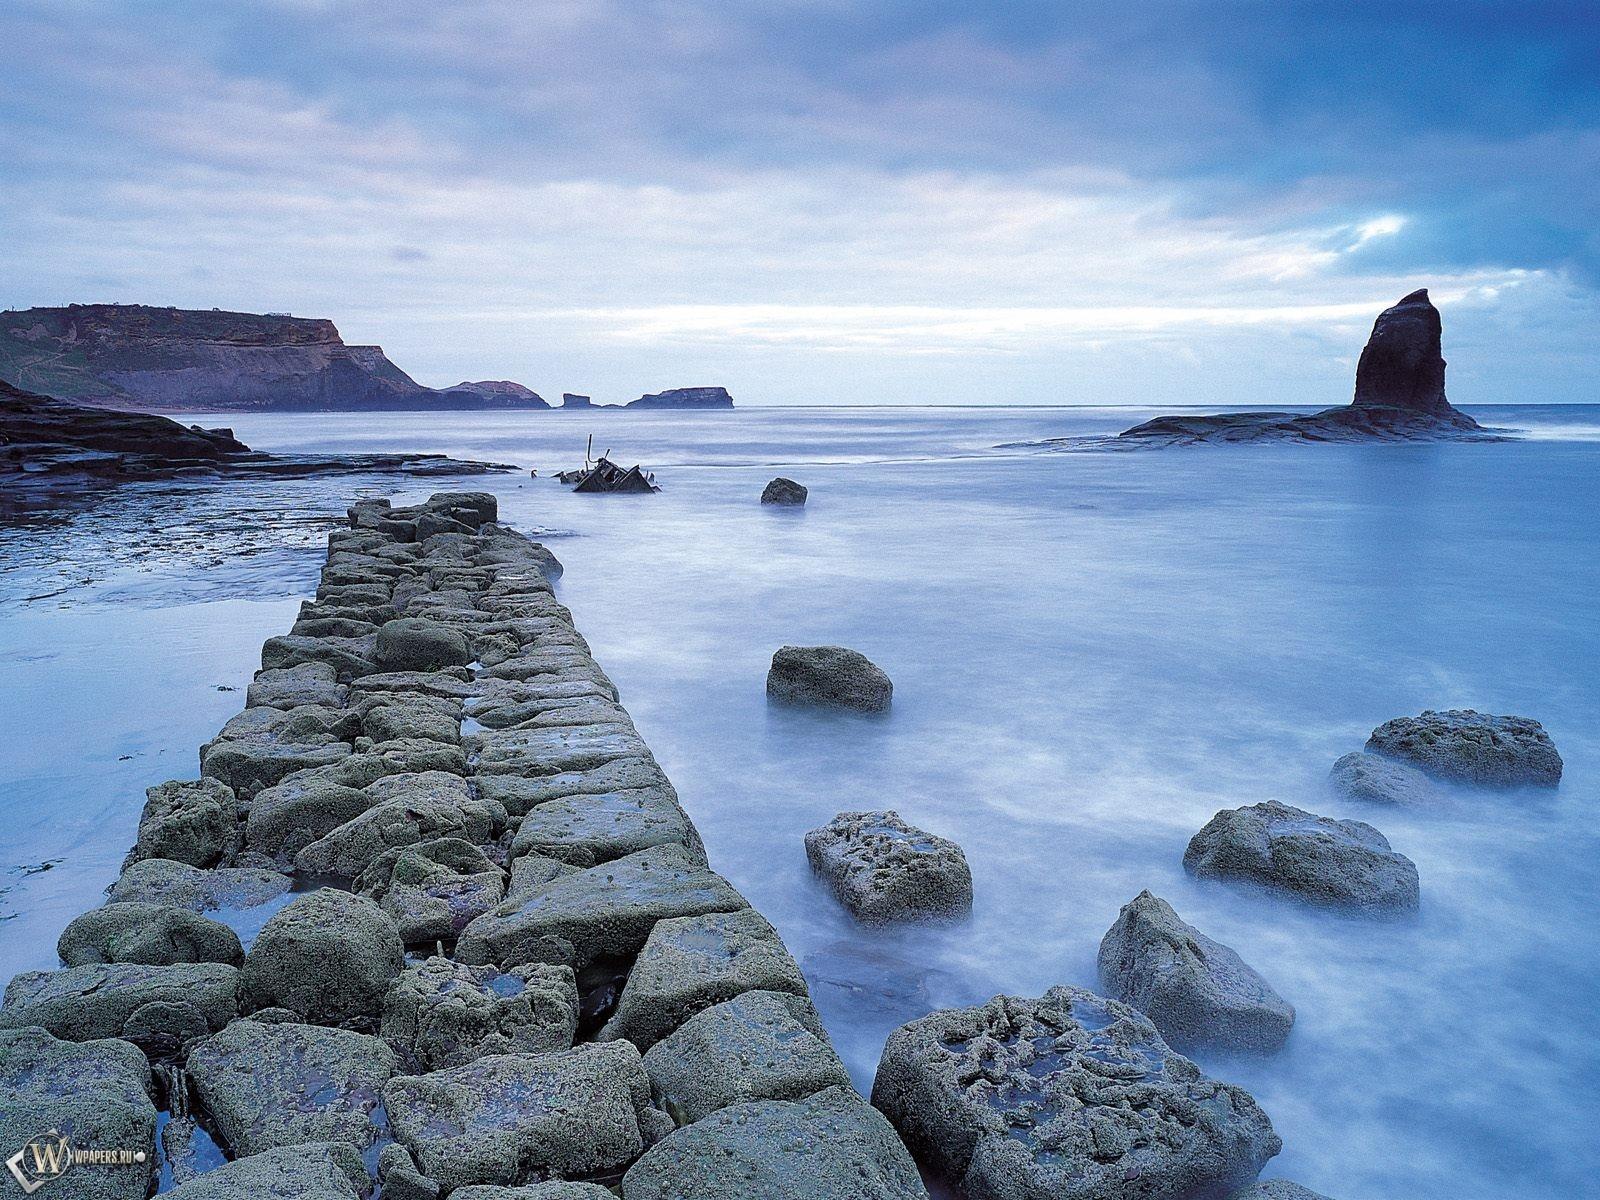 Каменная пристань 1600x1200